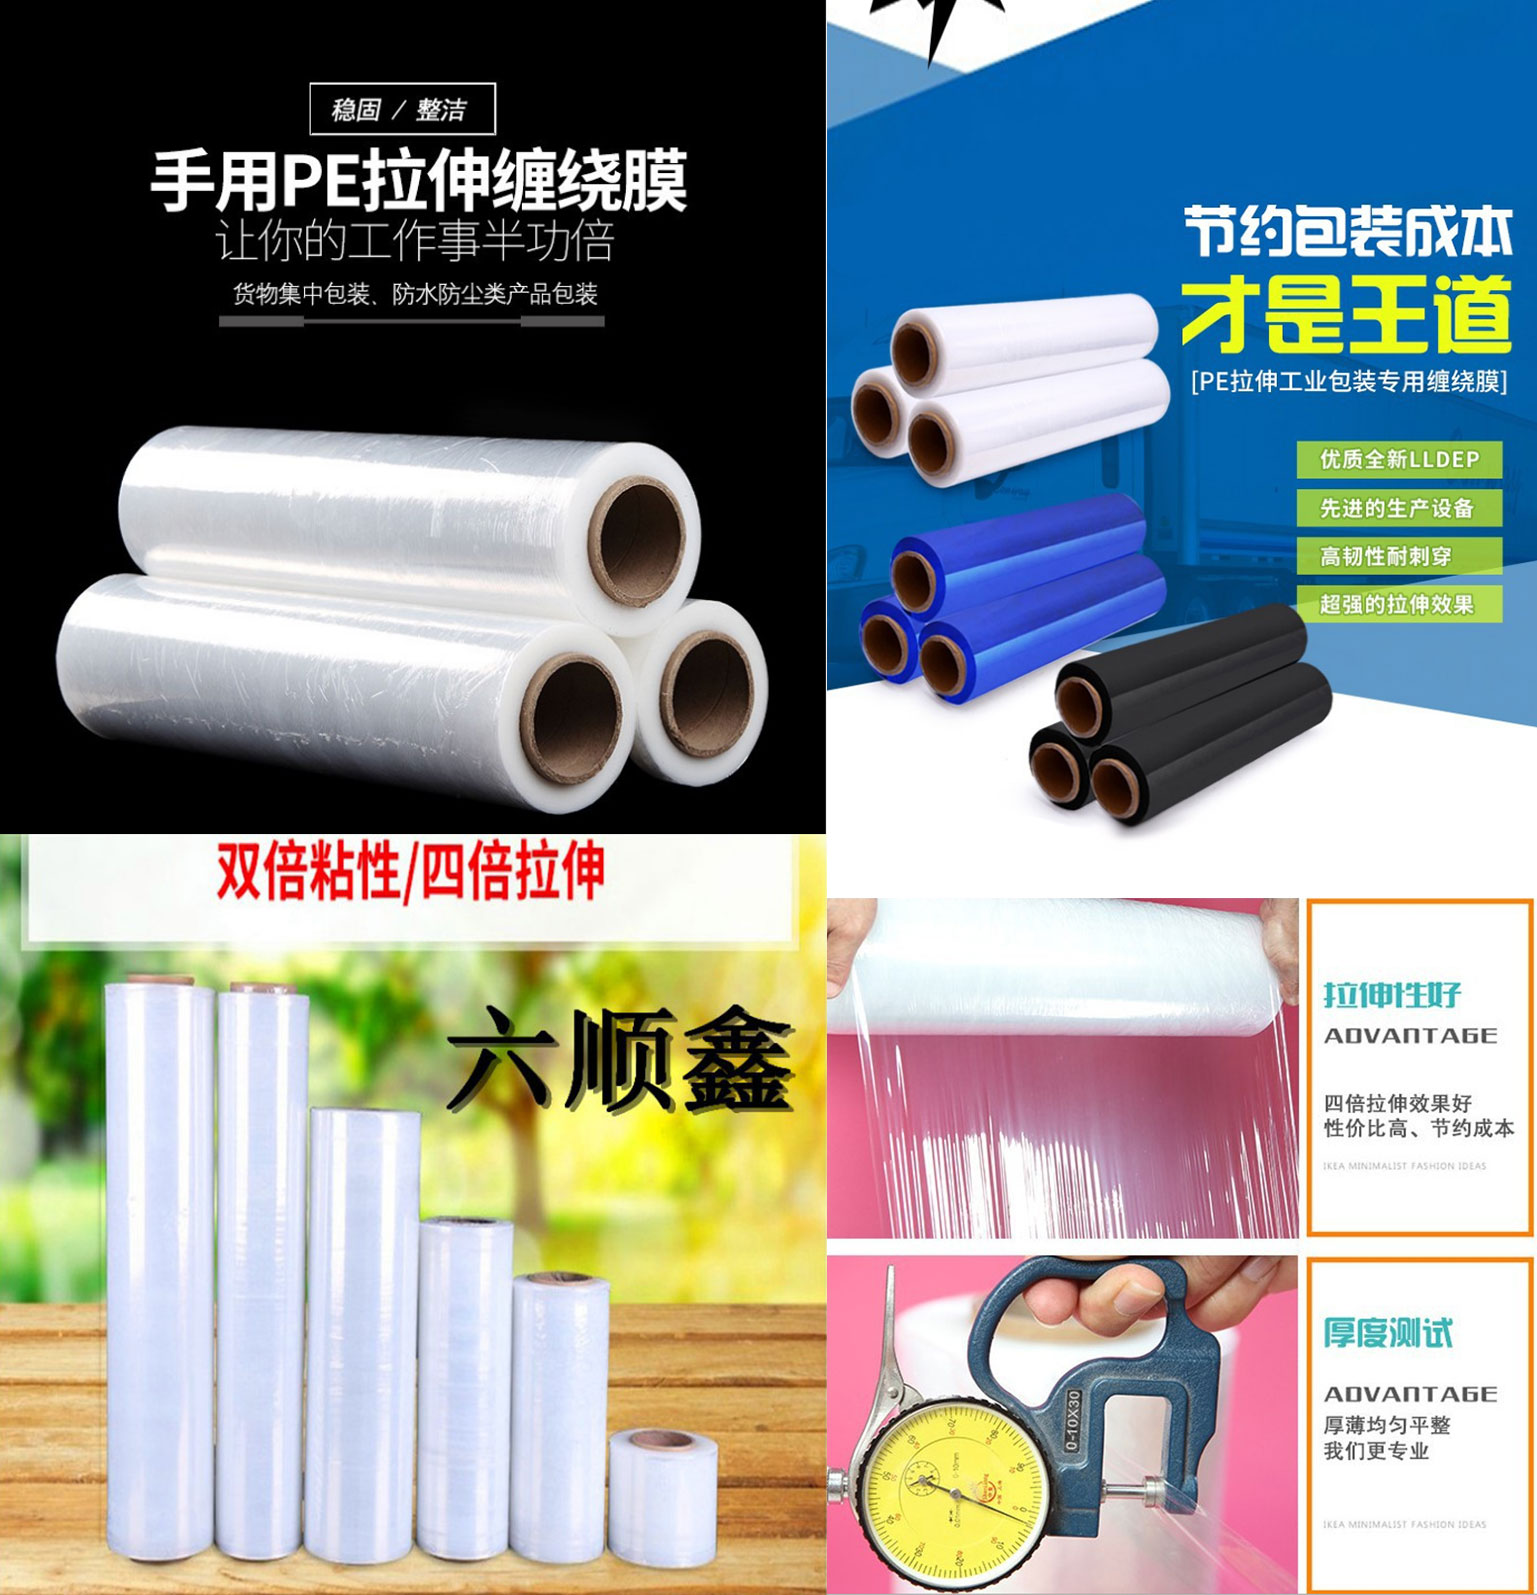 拉伸膜——六顺鑫包装产品